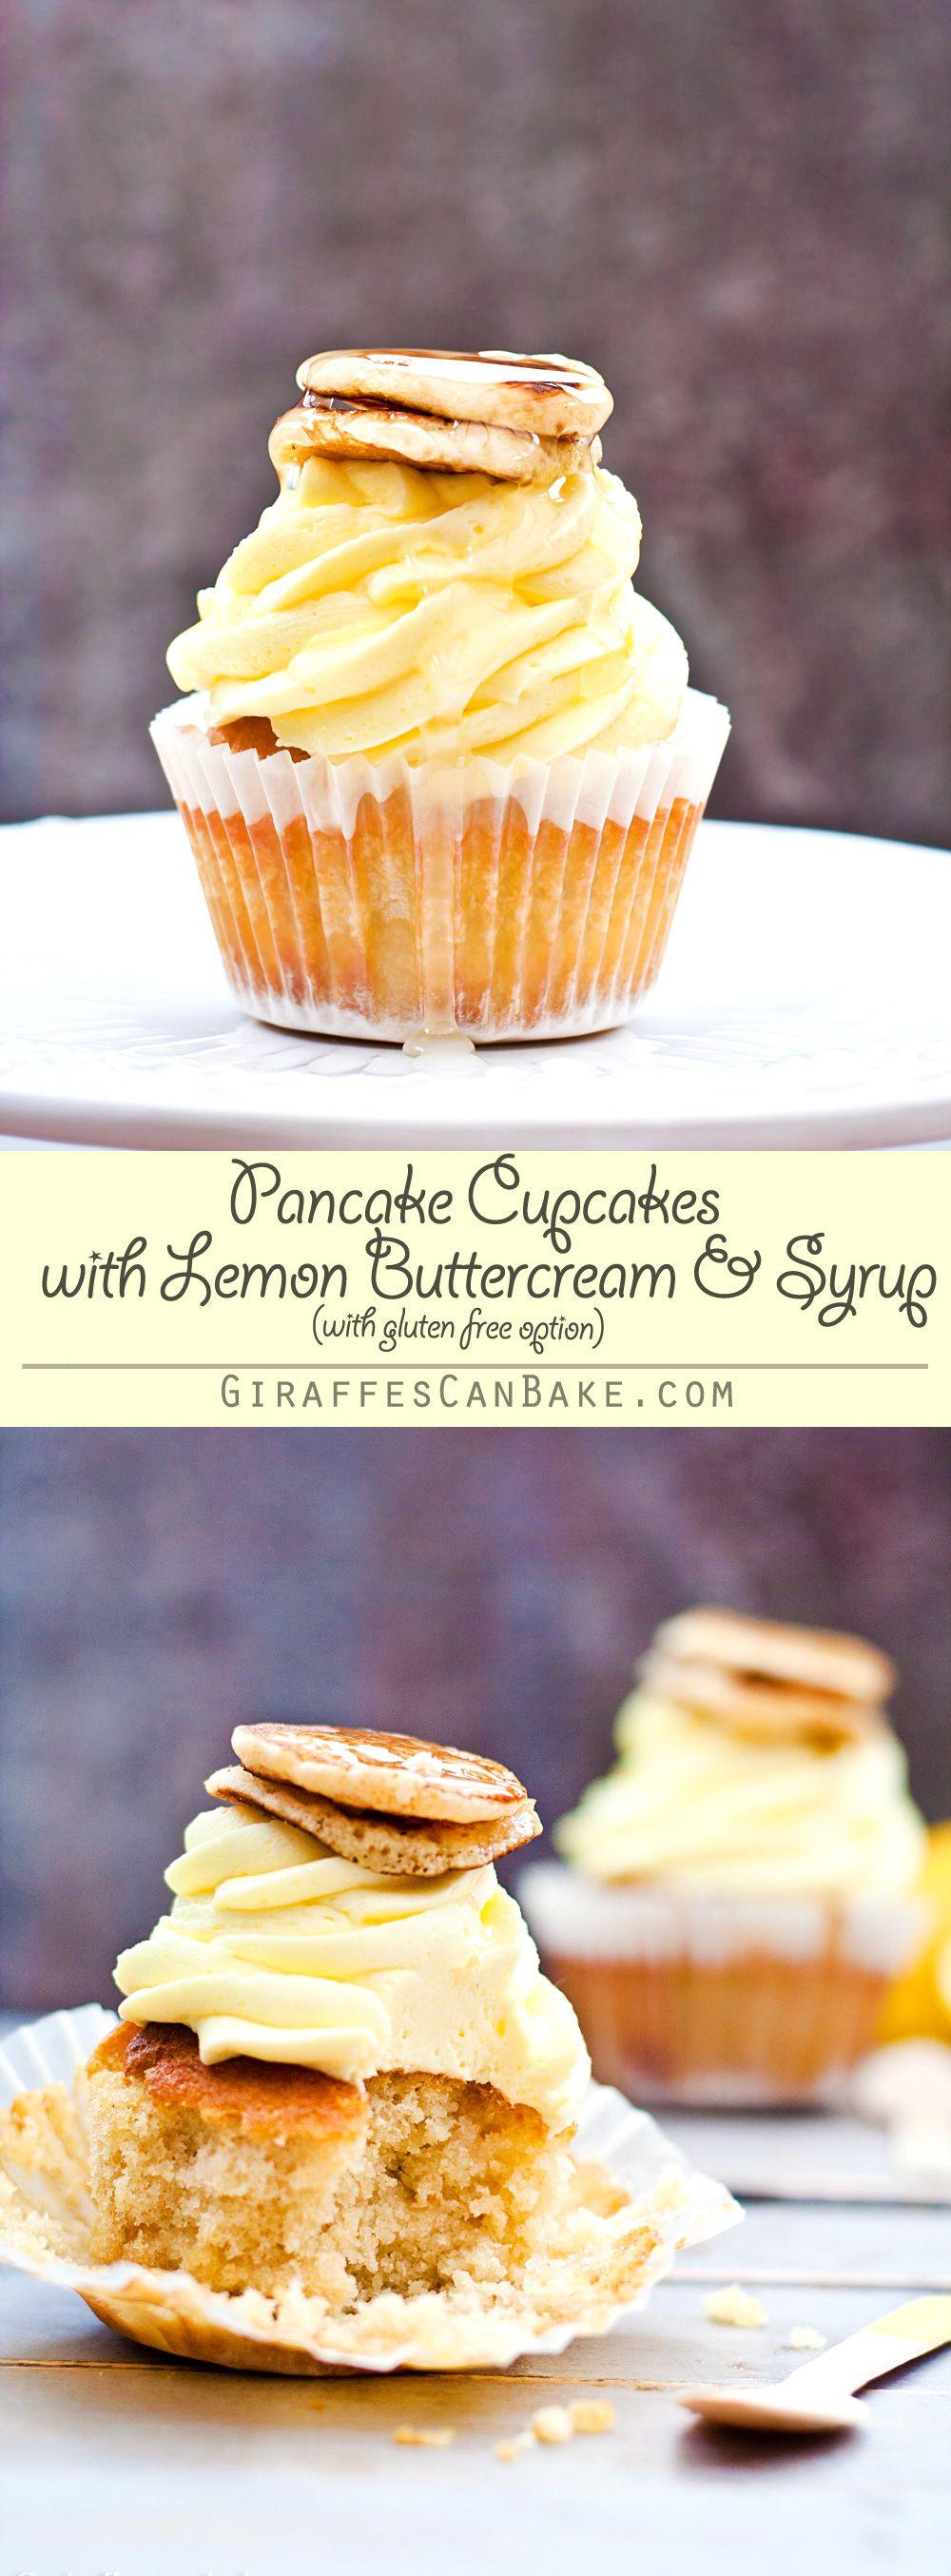 레몬 버터크림&시럽 팬케이크 컵케익